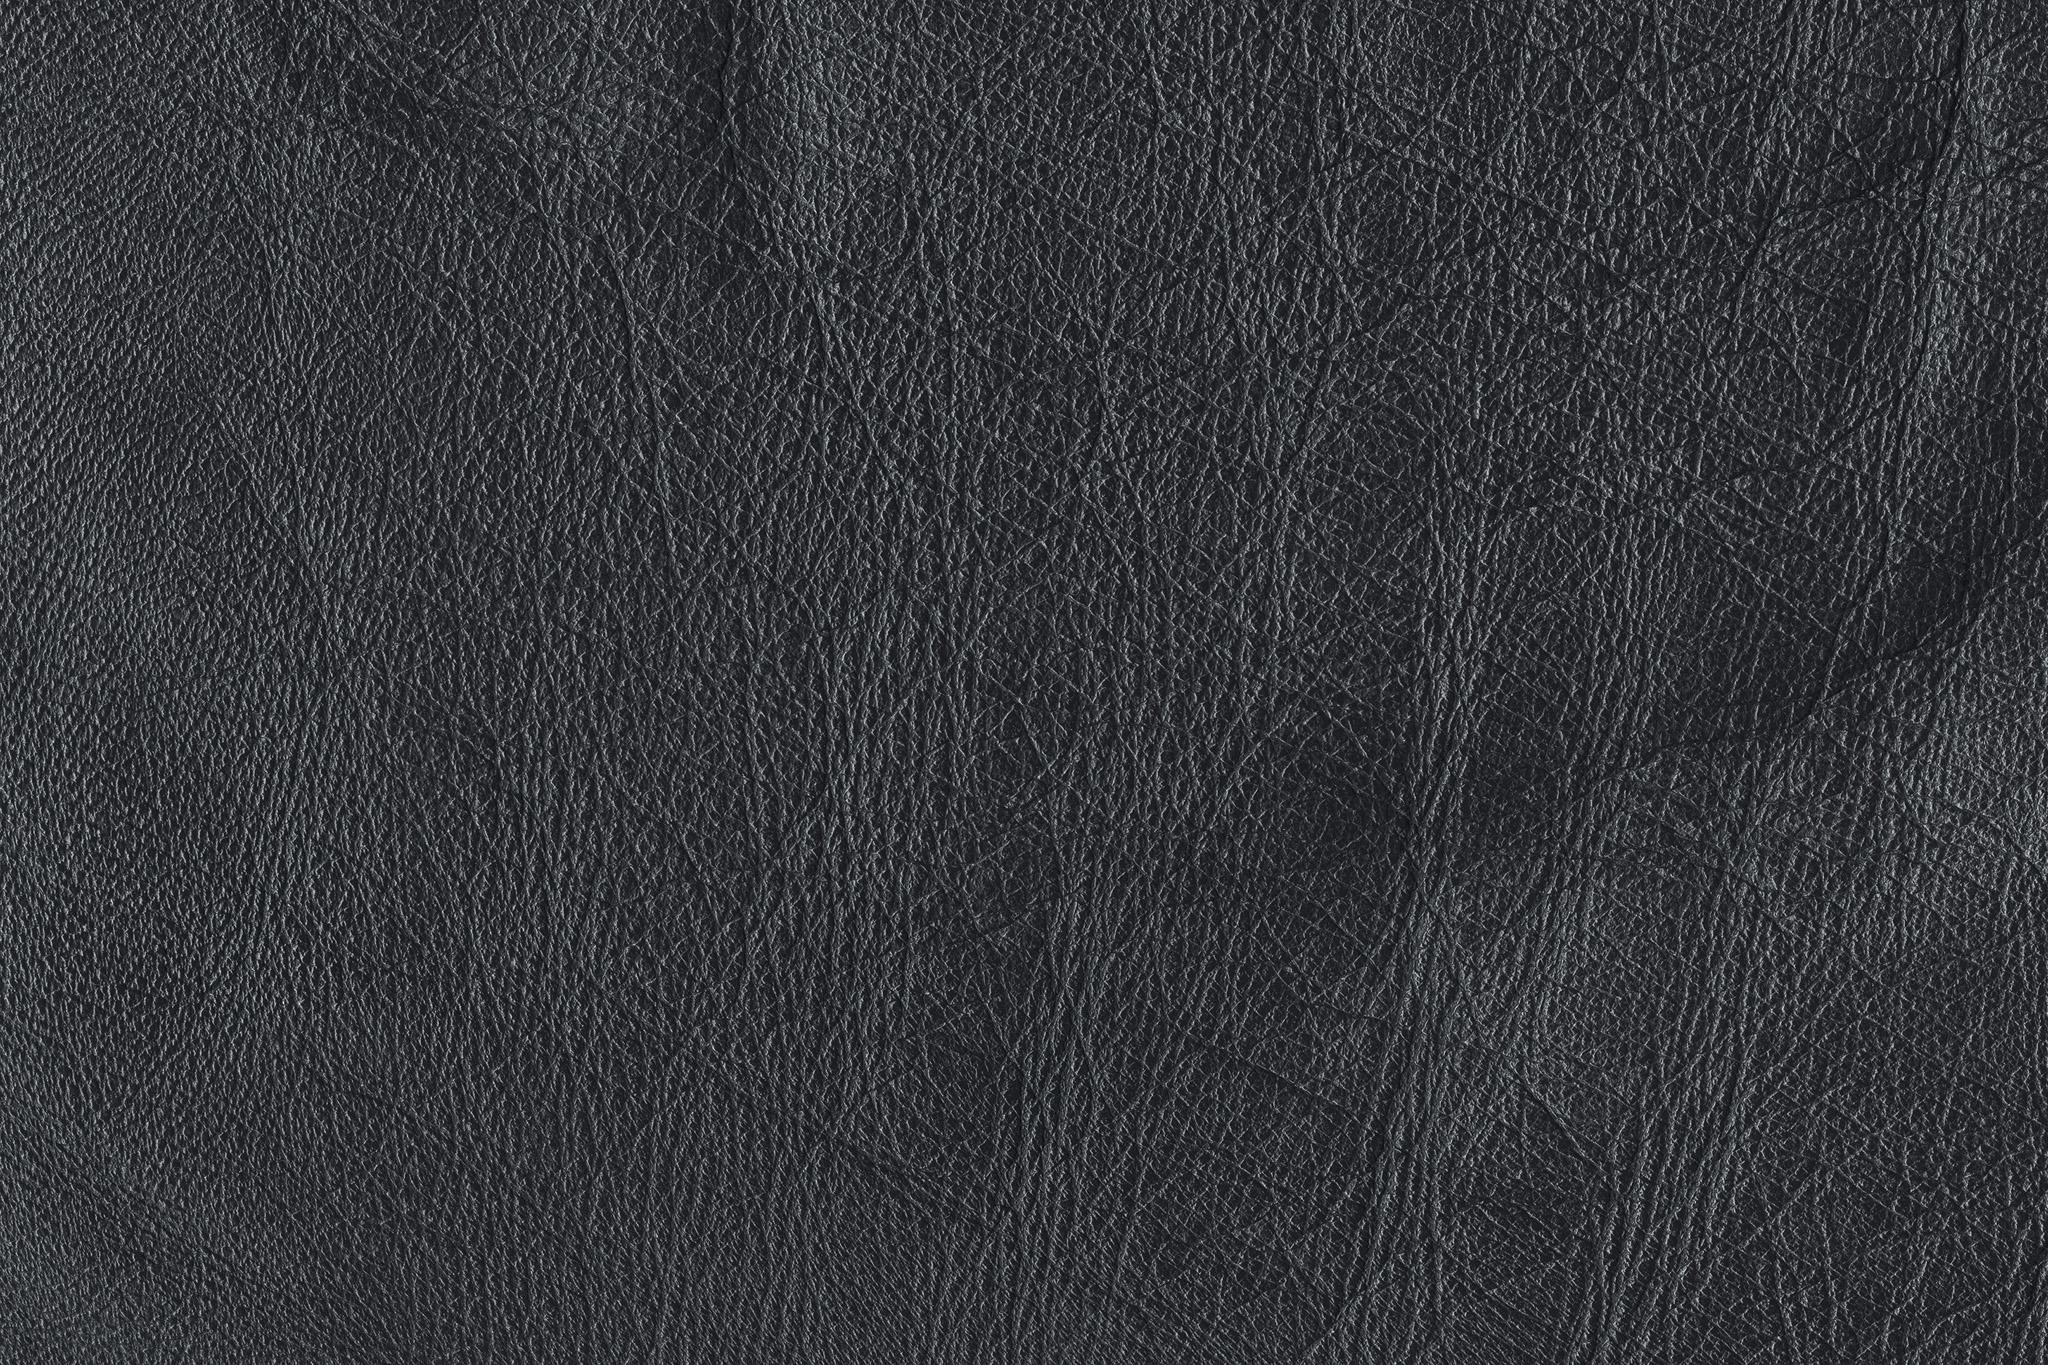 「細い繊維の様なテクスチャの皮革」の素材を無料ダウンロード